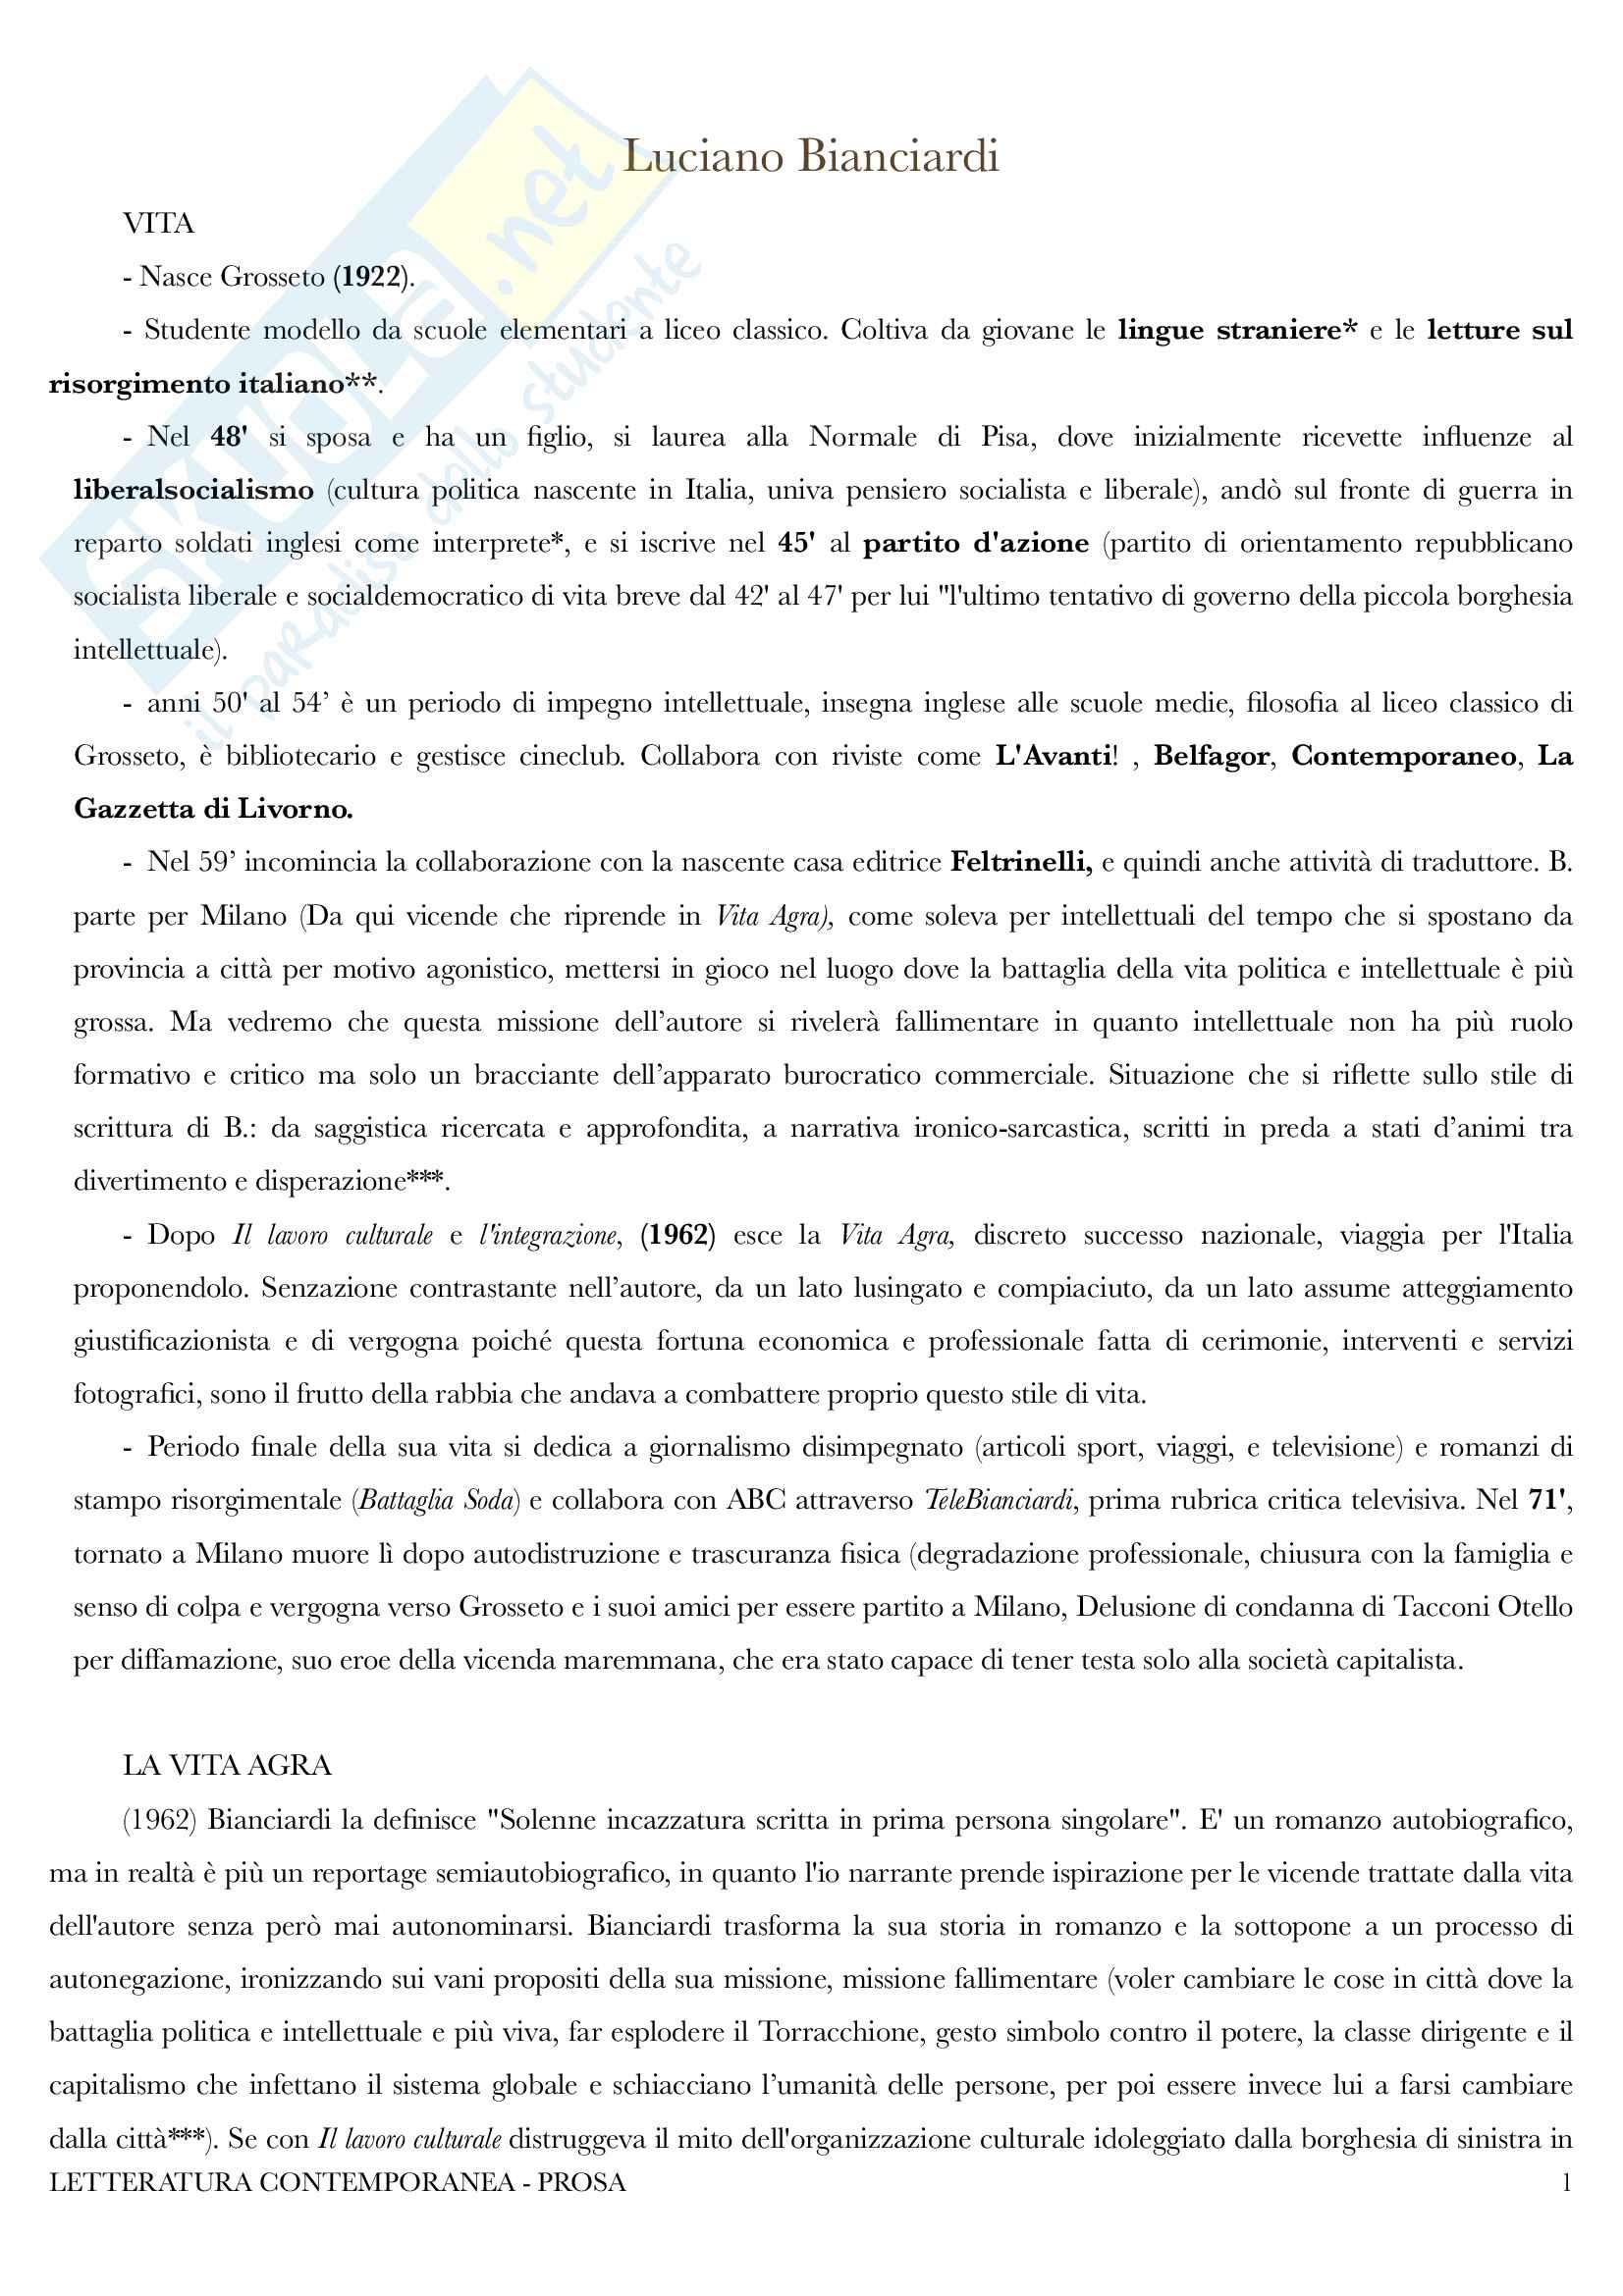 Riassunto esame letteratura contemporanea - Docente Lorenzini